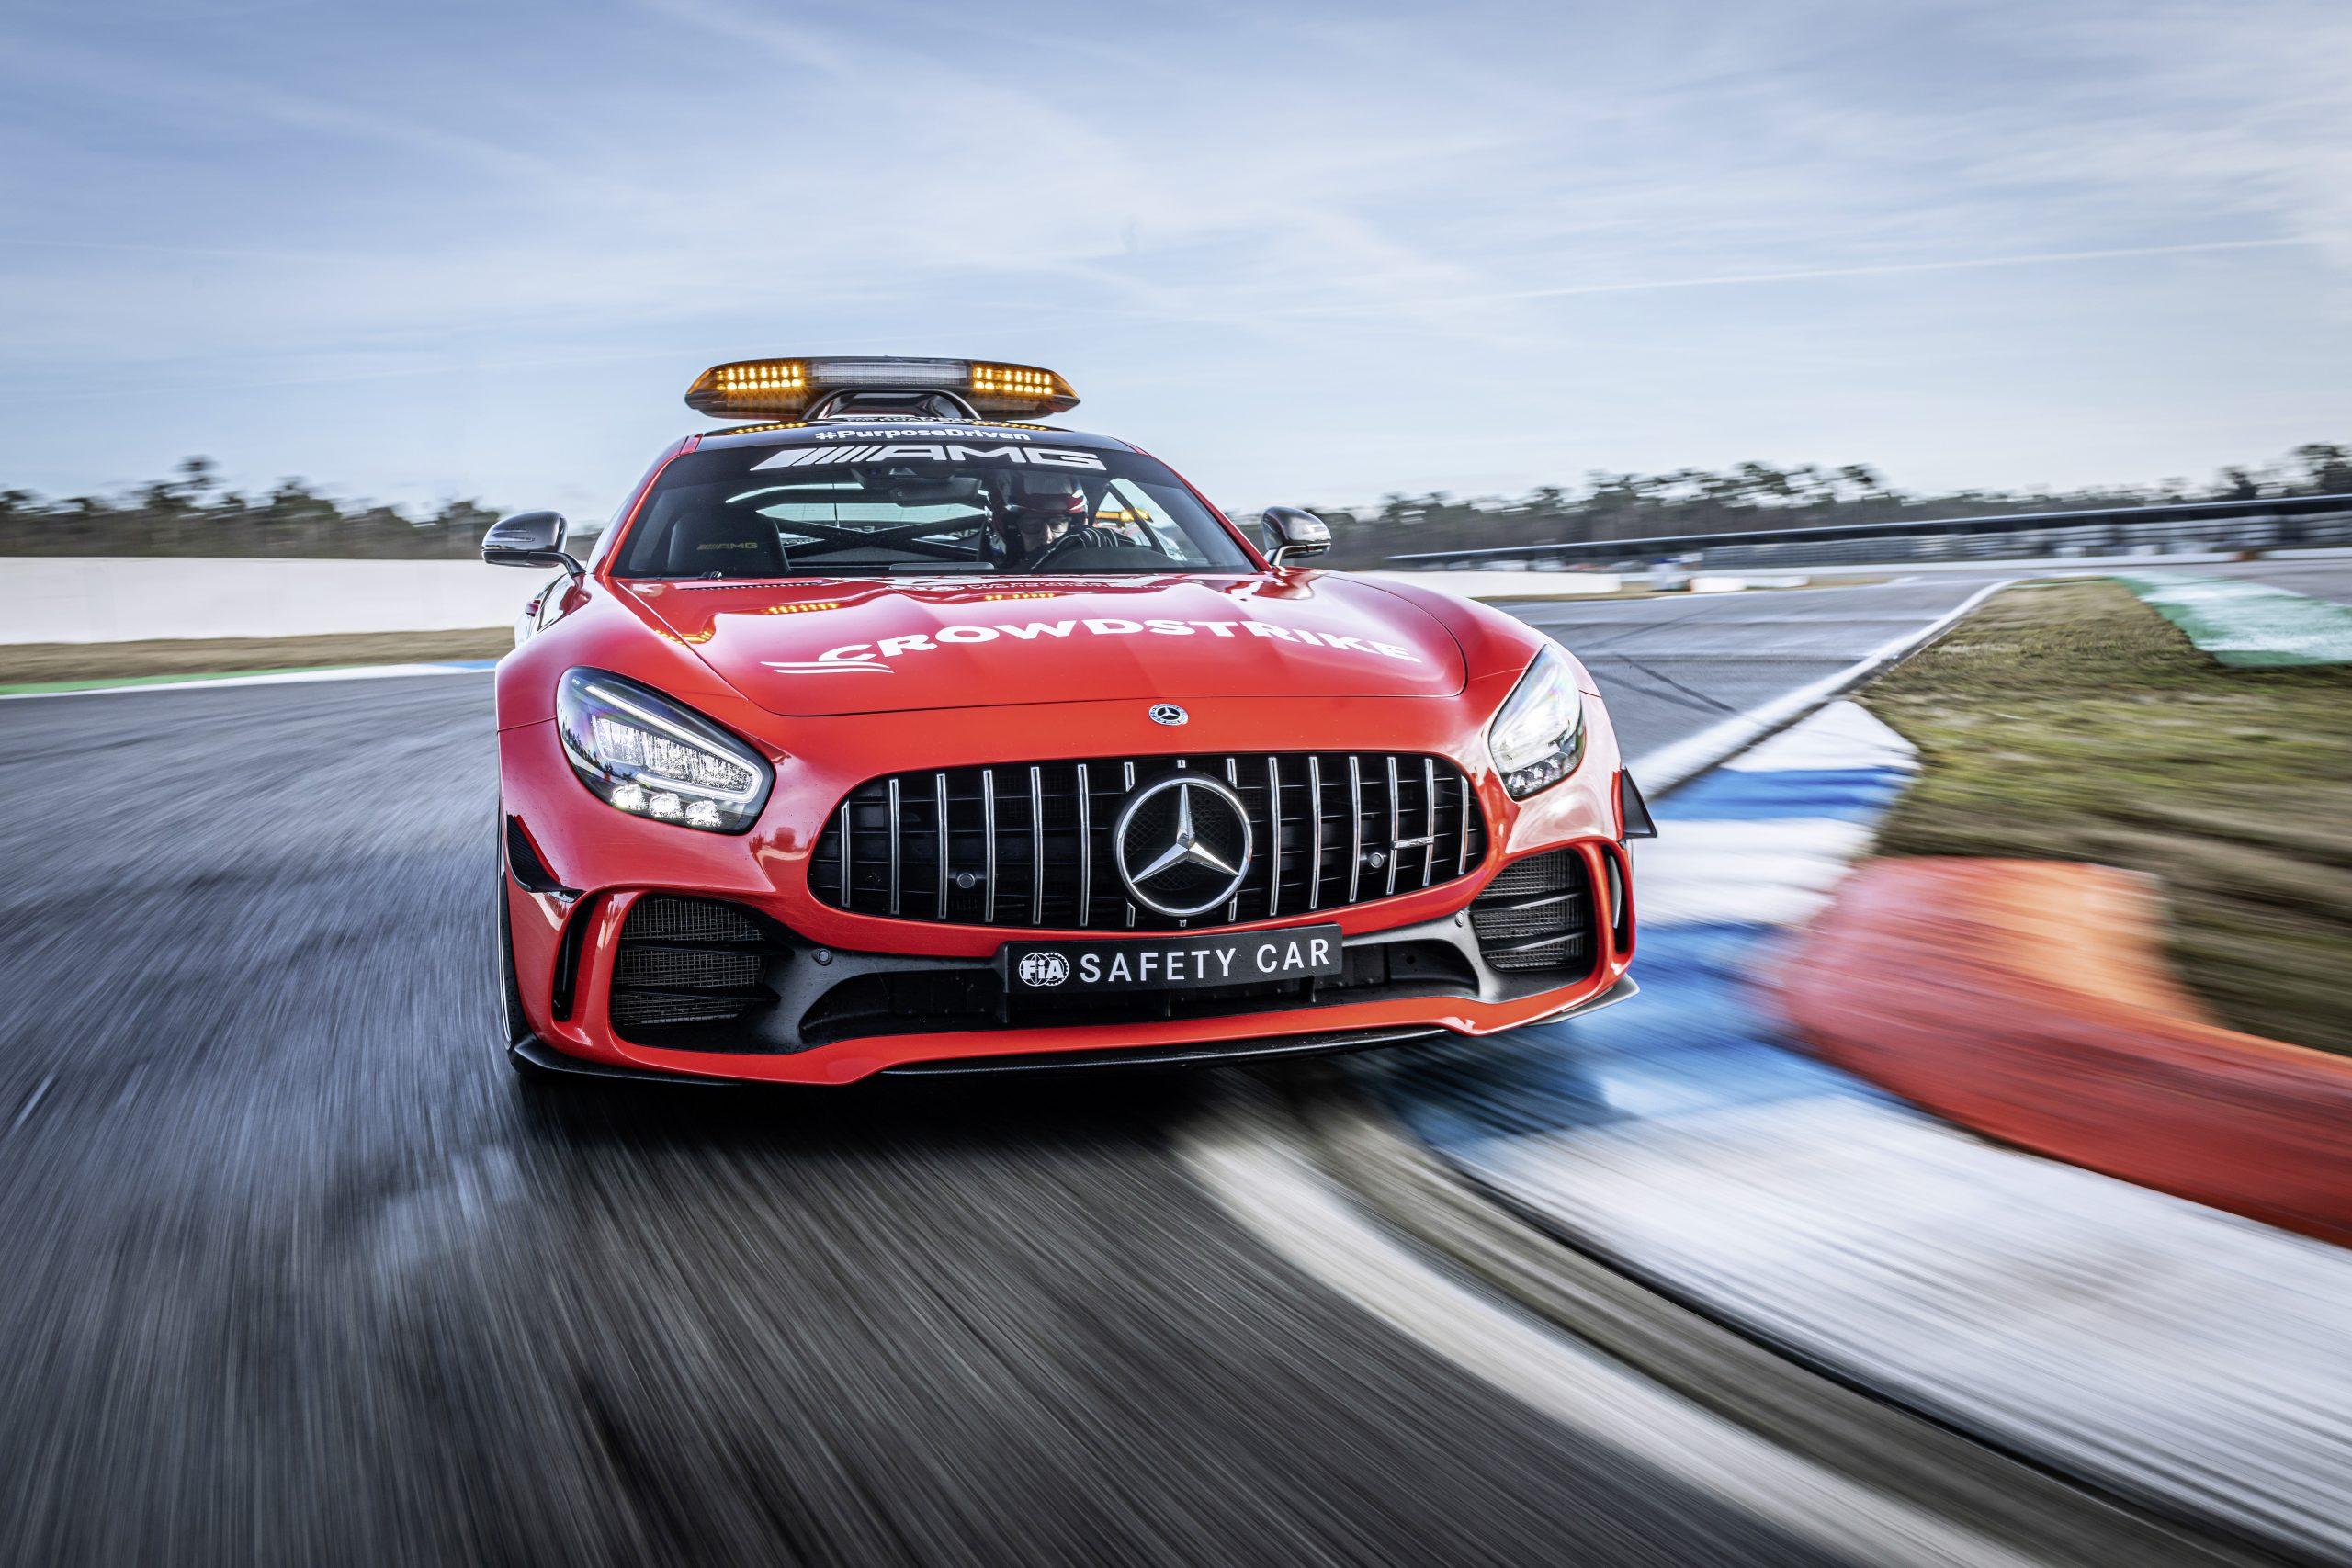 Nieuwe felrode lak verbetert de zichtbaarheid van de Safety en Medical Cars in de Formule 1